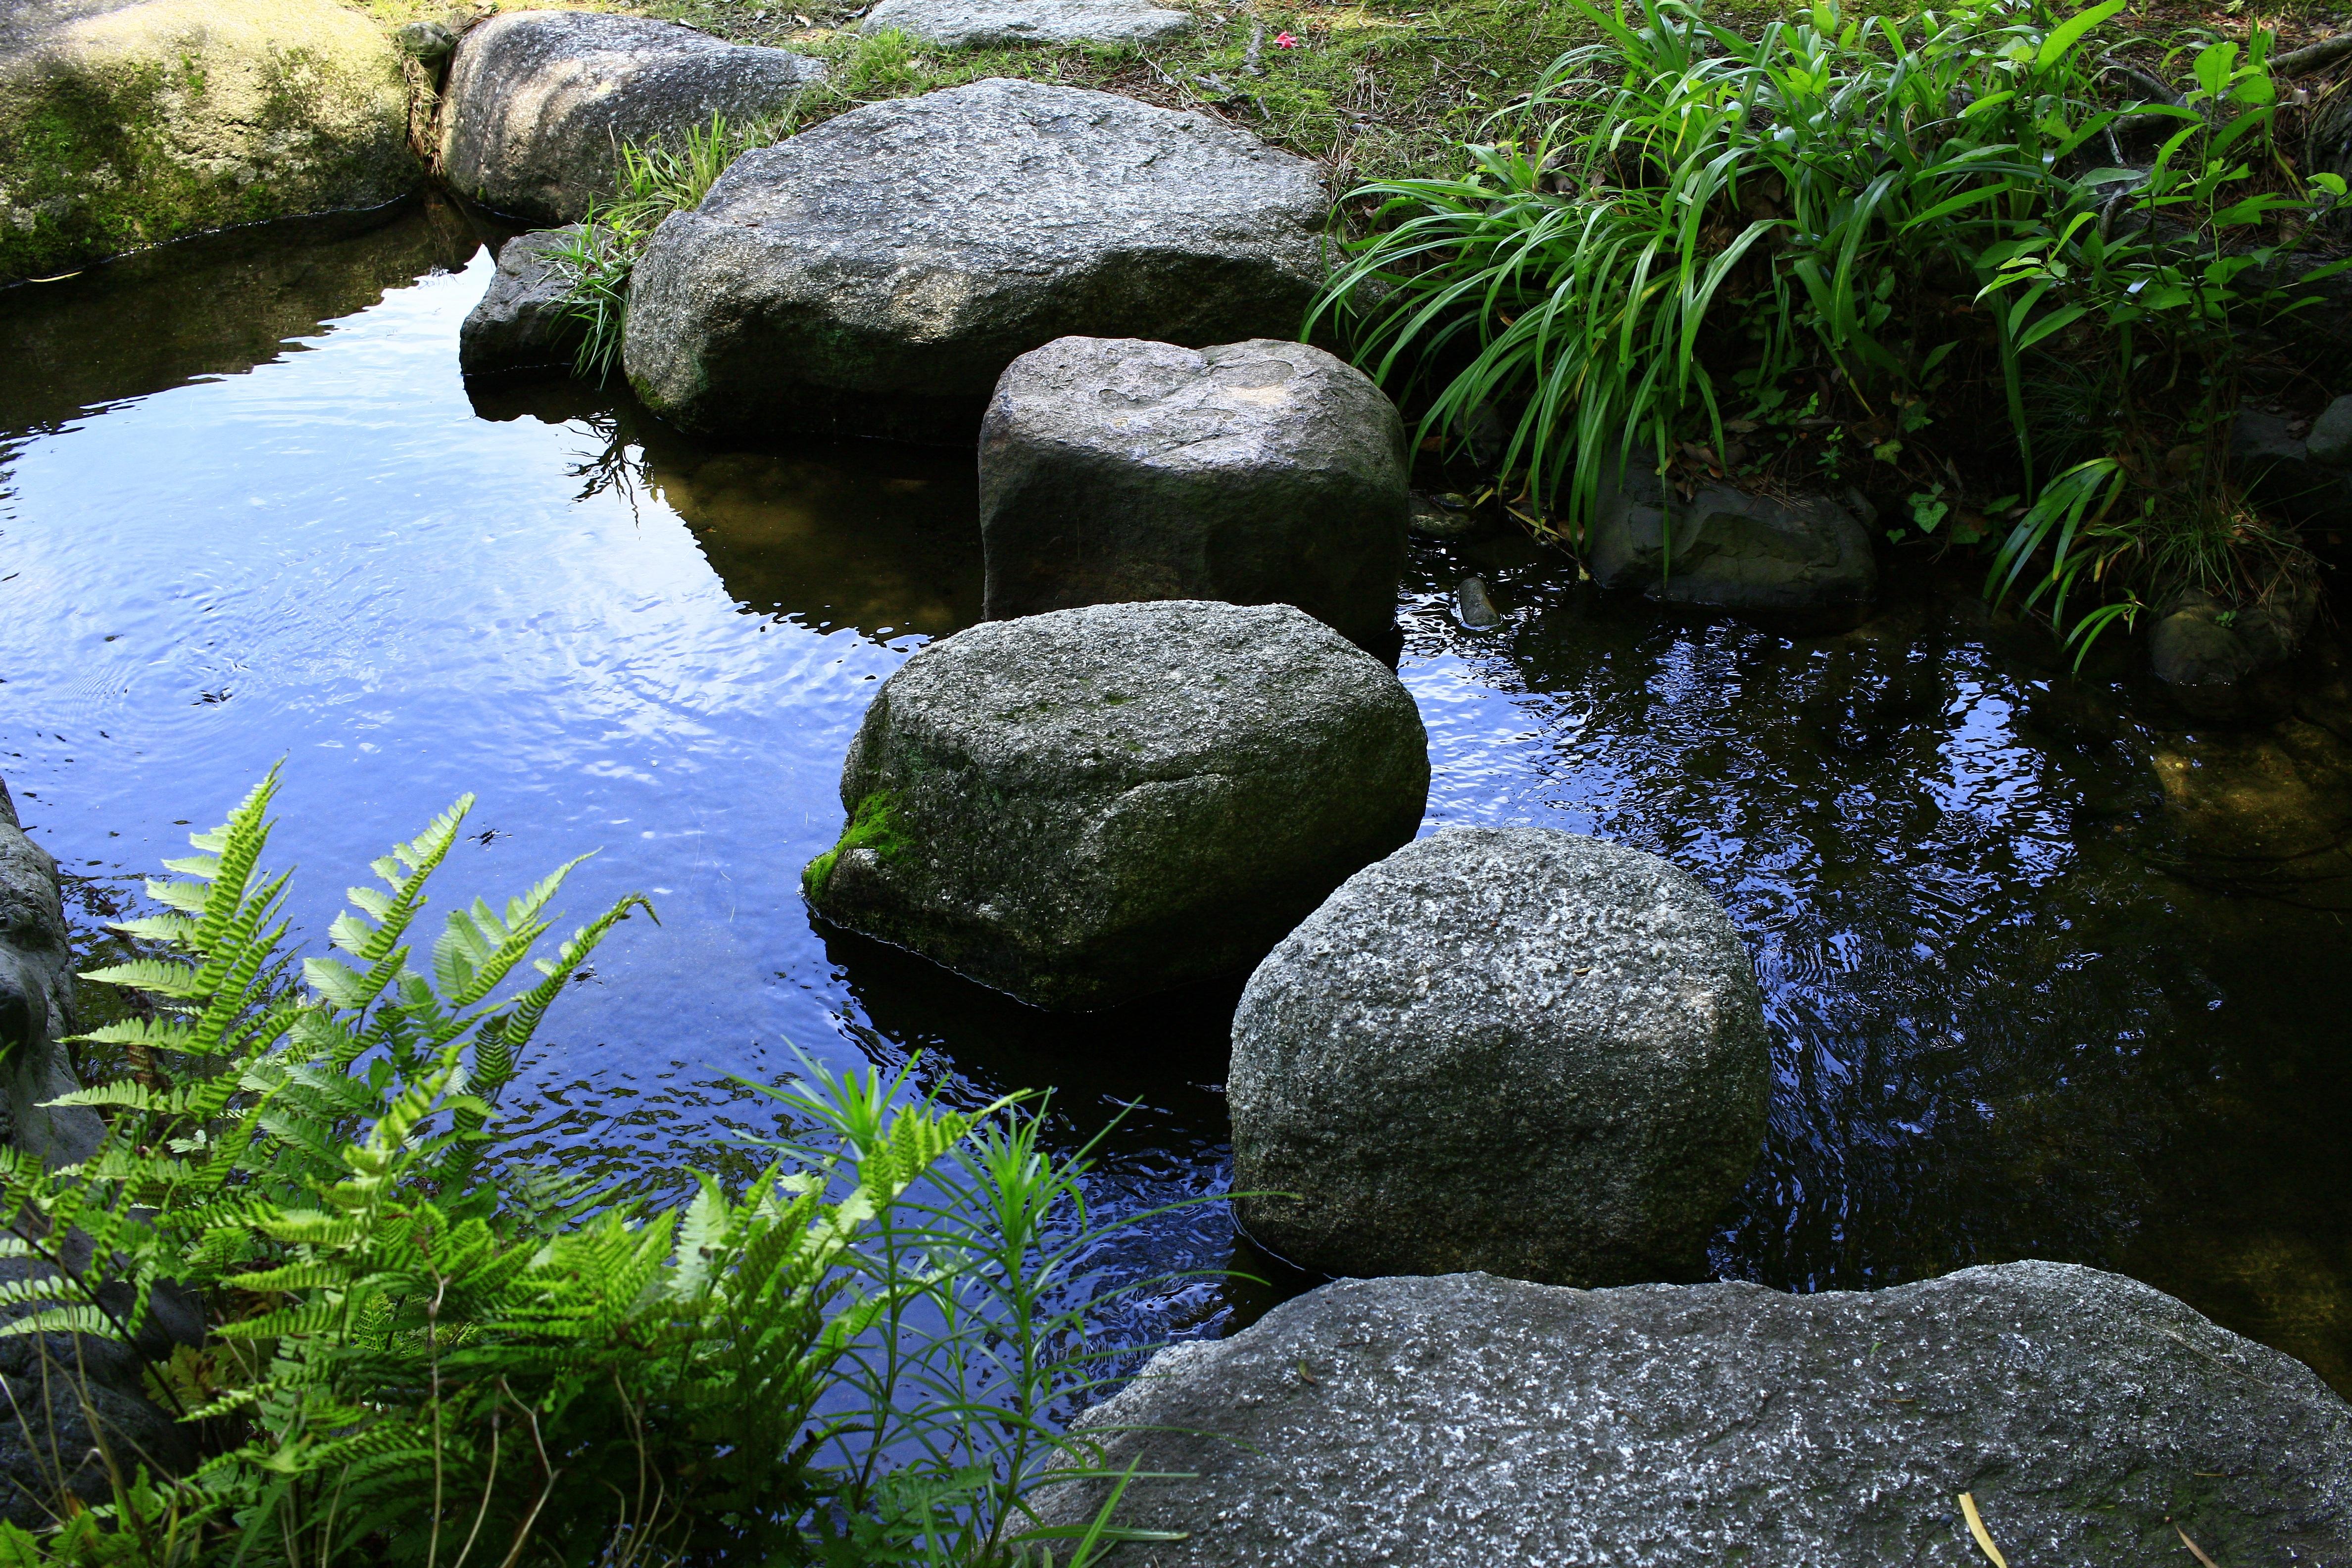 Gratis billeder : landskab, træ, natur, græs, klippe, blad, blomst ...